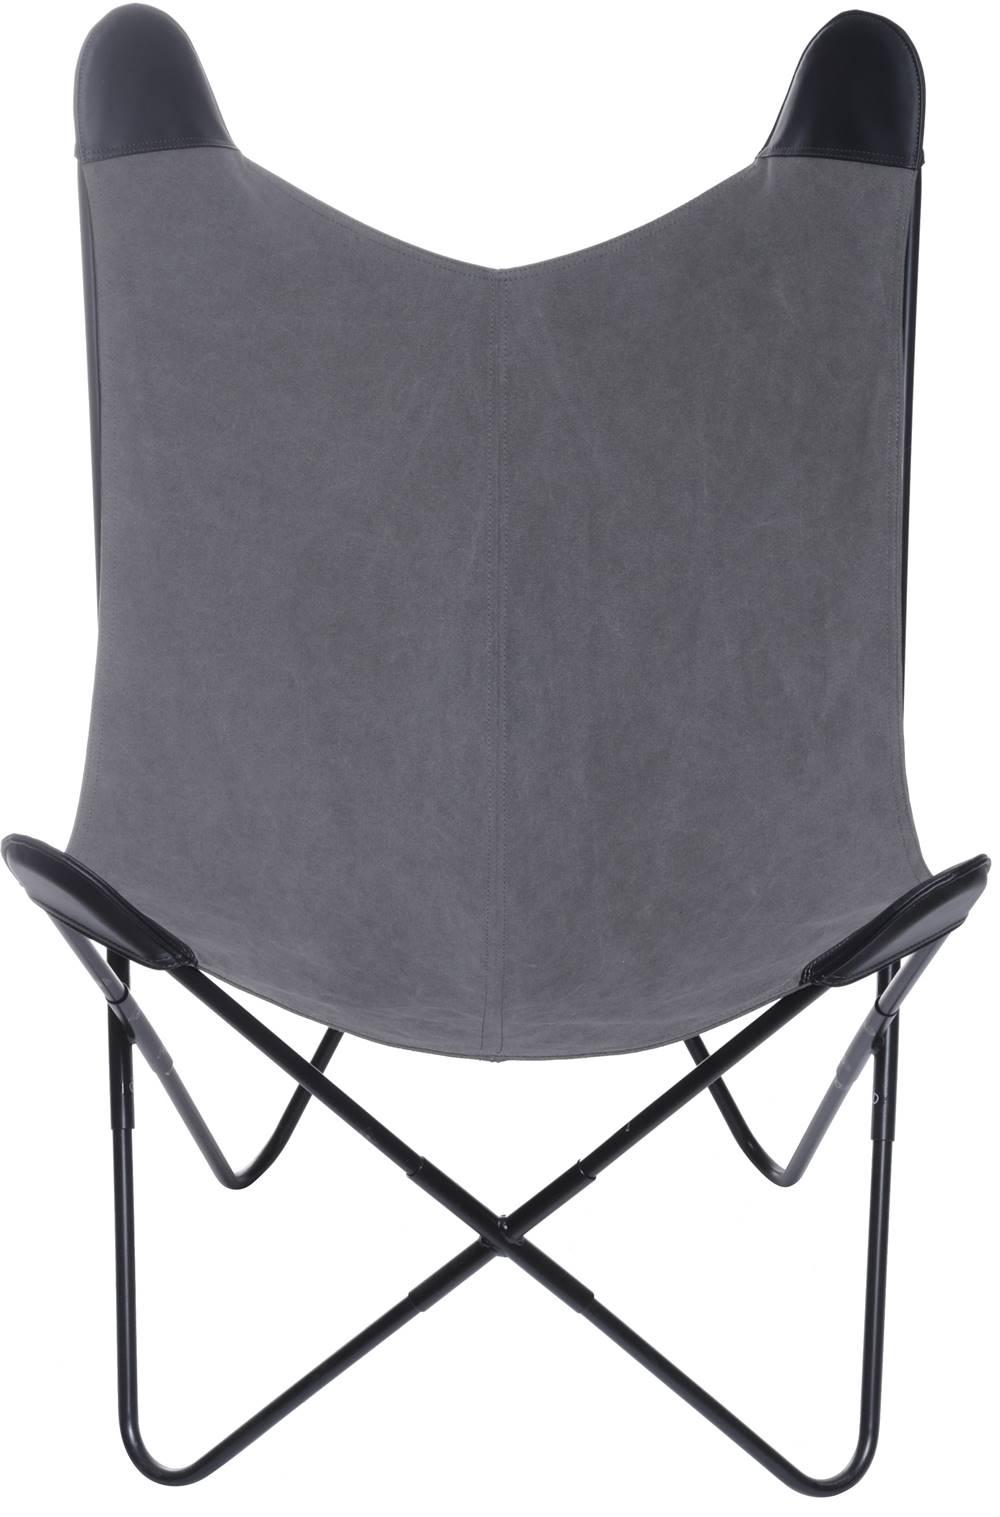 Poltrona Butterfly Estrutura em Ferro com Assento em Canva cor Cinza - 53527